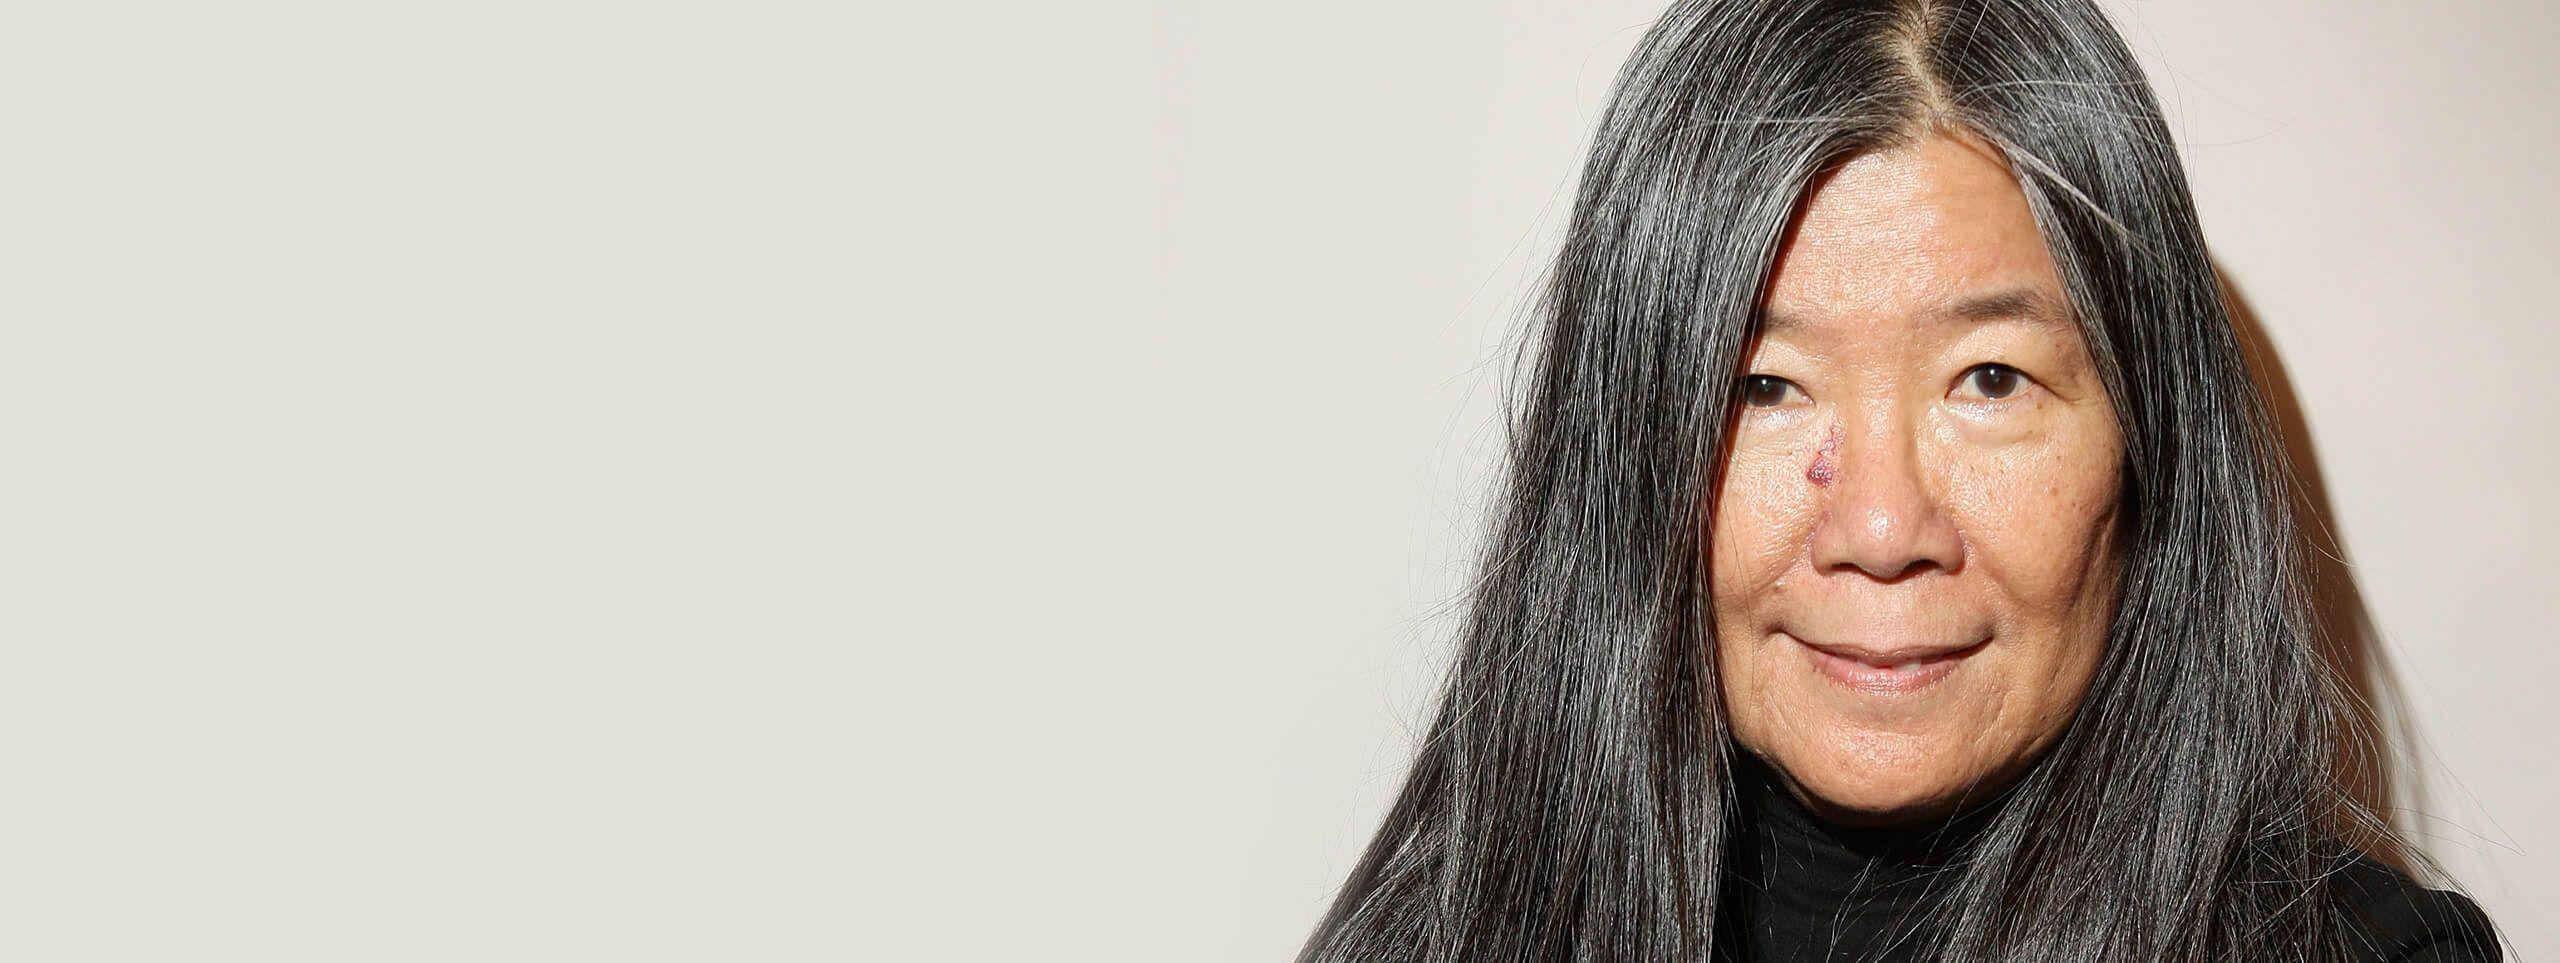 Kobieta o długich ciemno siwych włosach